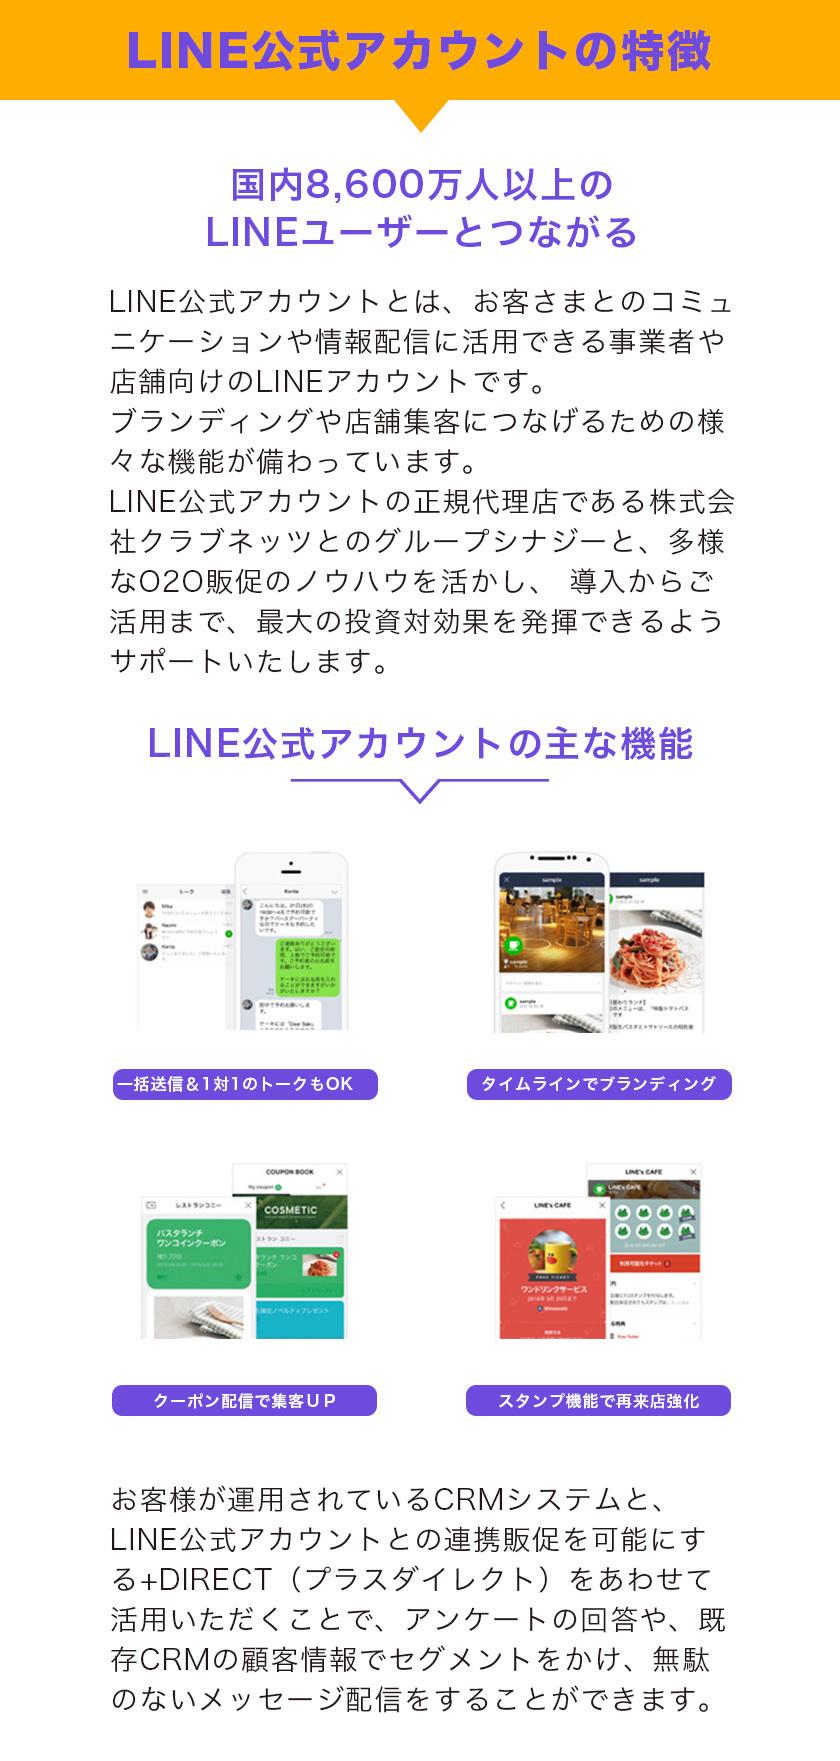 LINE公式アカウントの特徴 国内8,400万人以上の LINEユーザーとつながる 4つの充実した機能